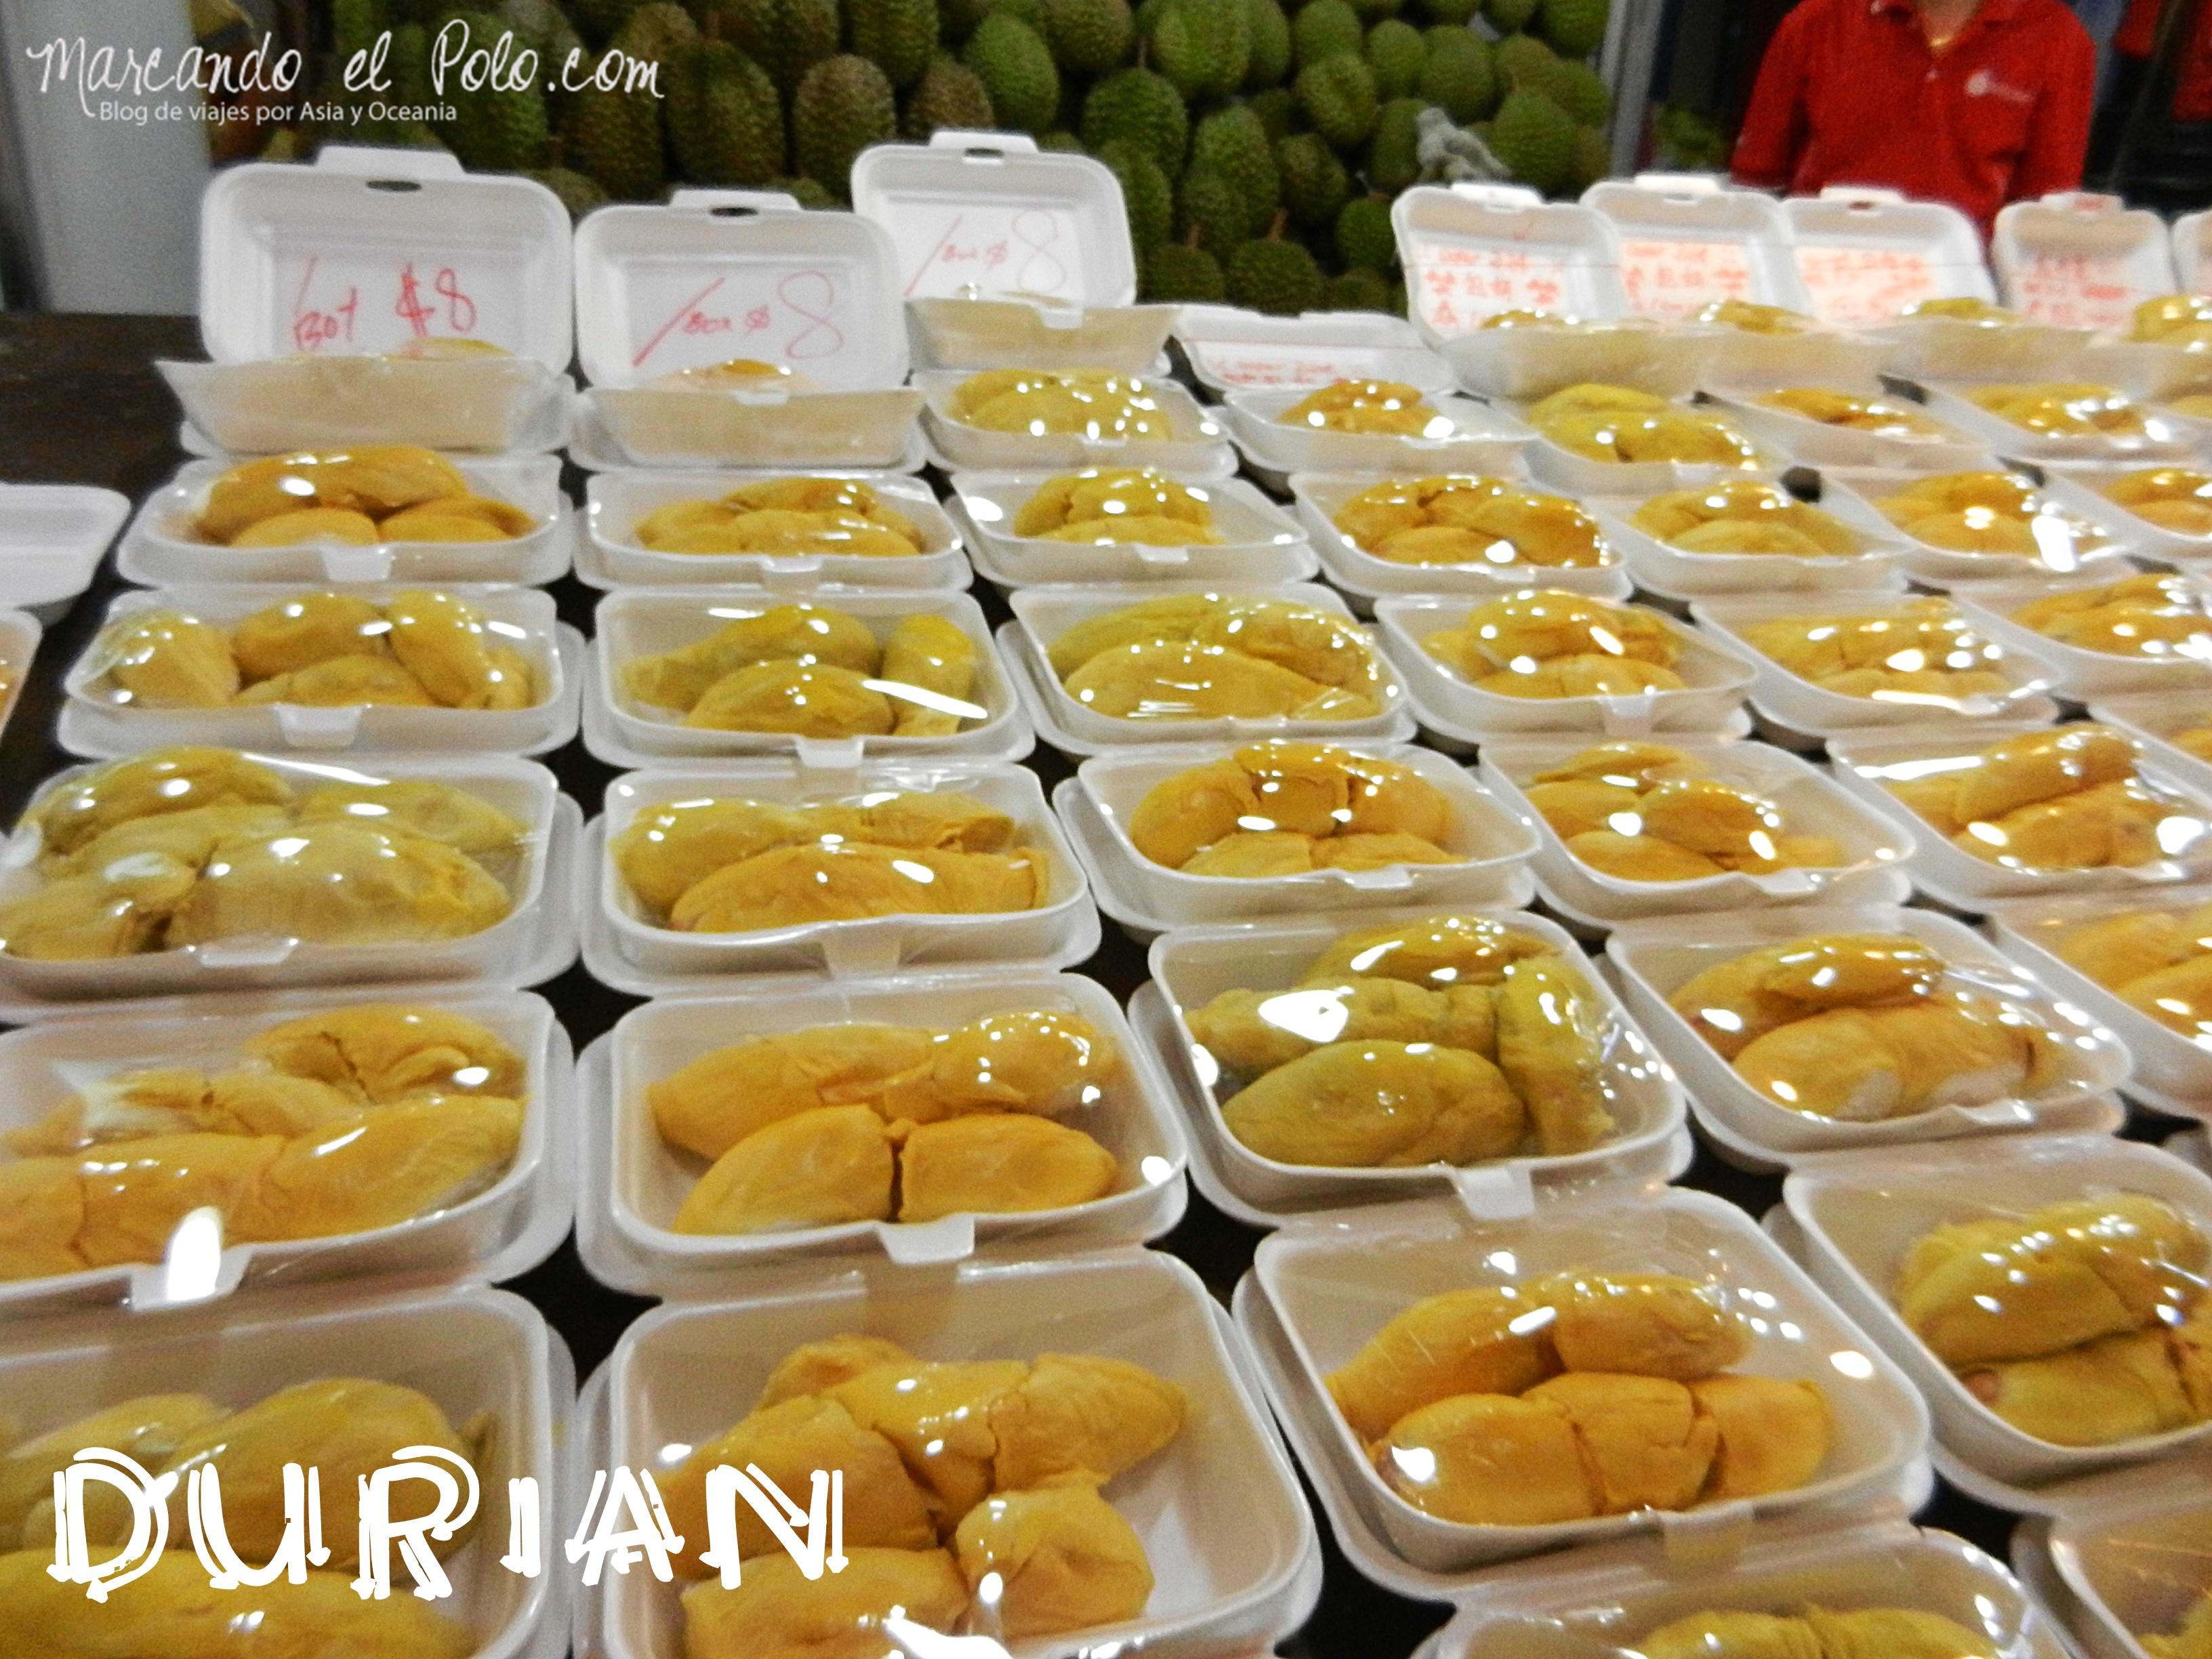 El durián también podría ser otra opción de postre, pero es muy caro en Singapur!!!